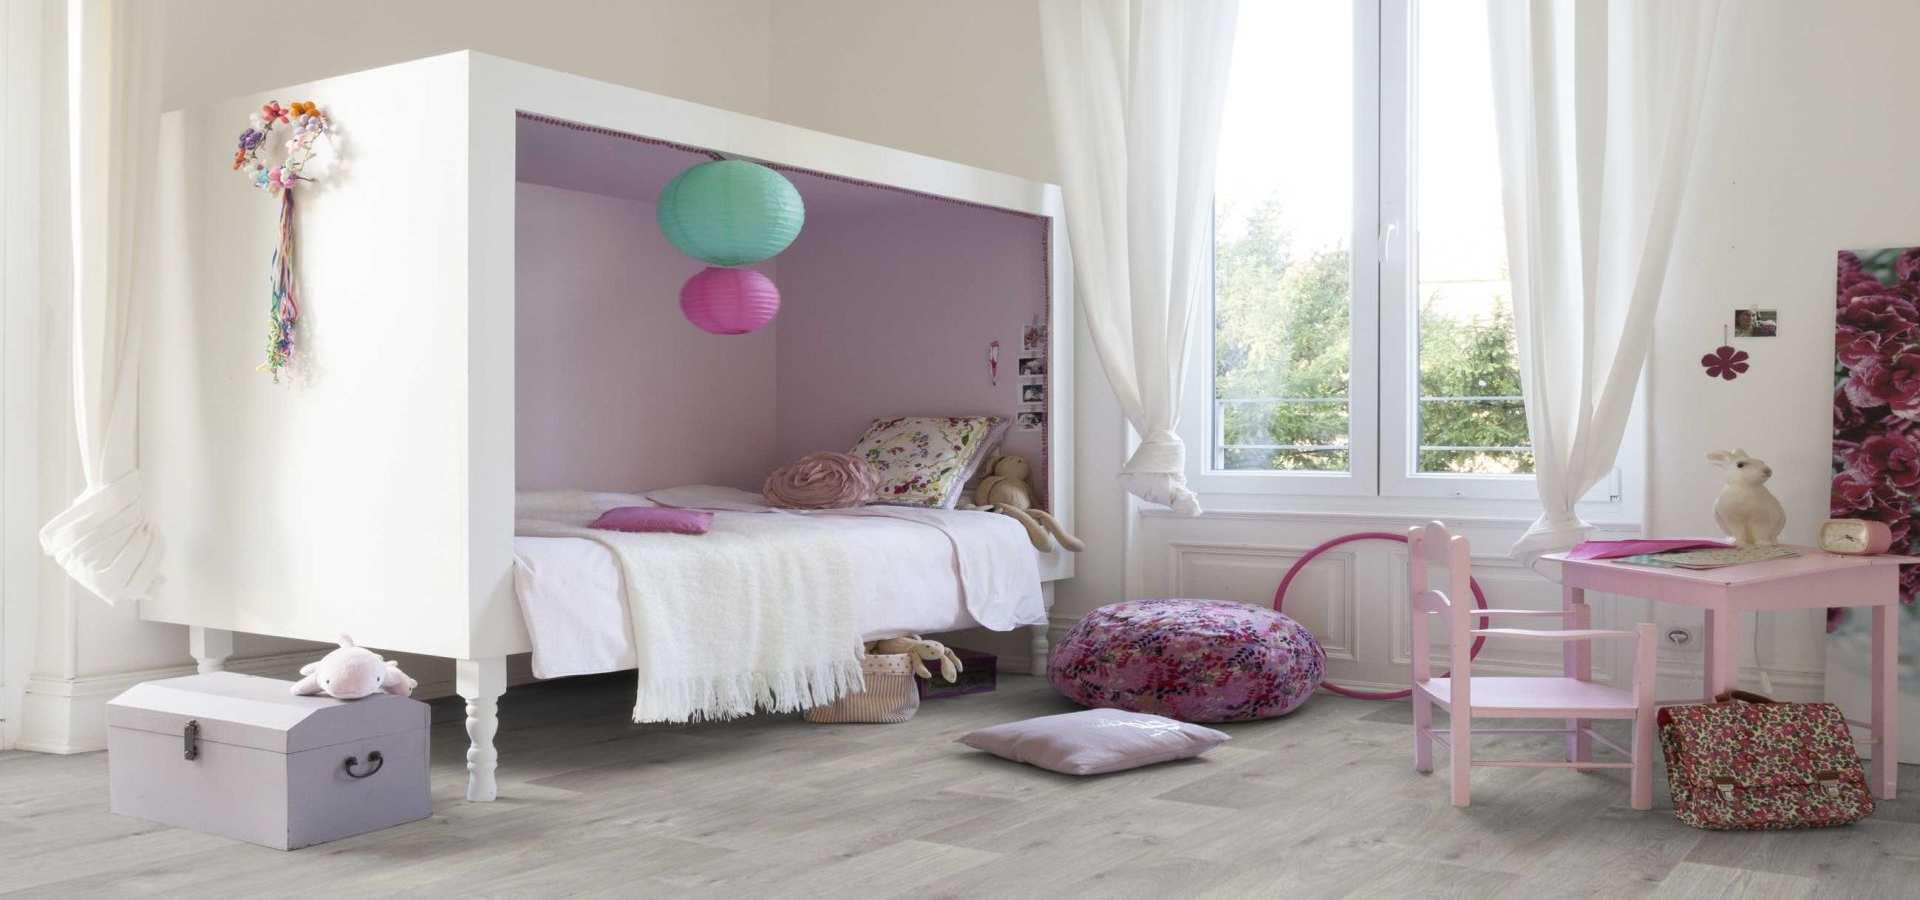 Bild Kinderzimmer CV Belag Holz Timber weiß